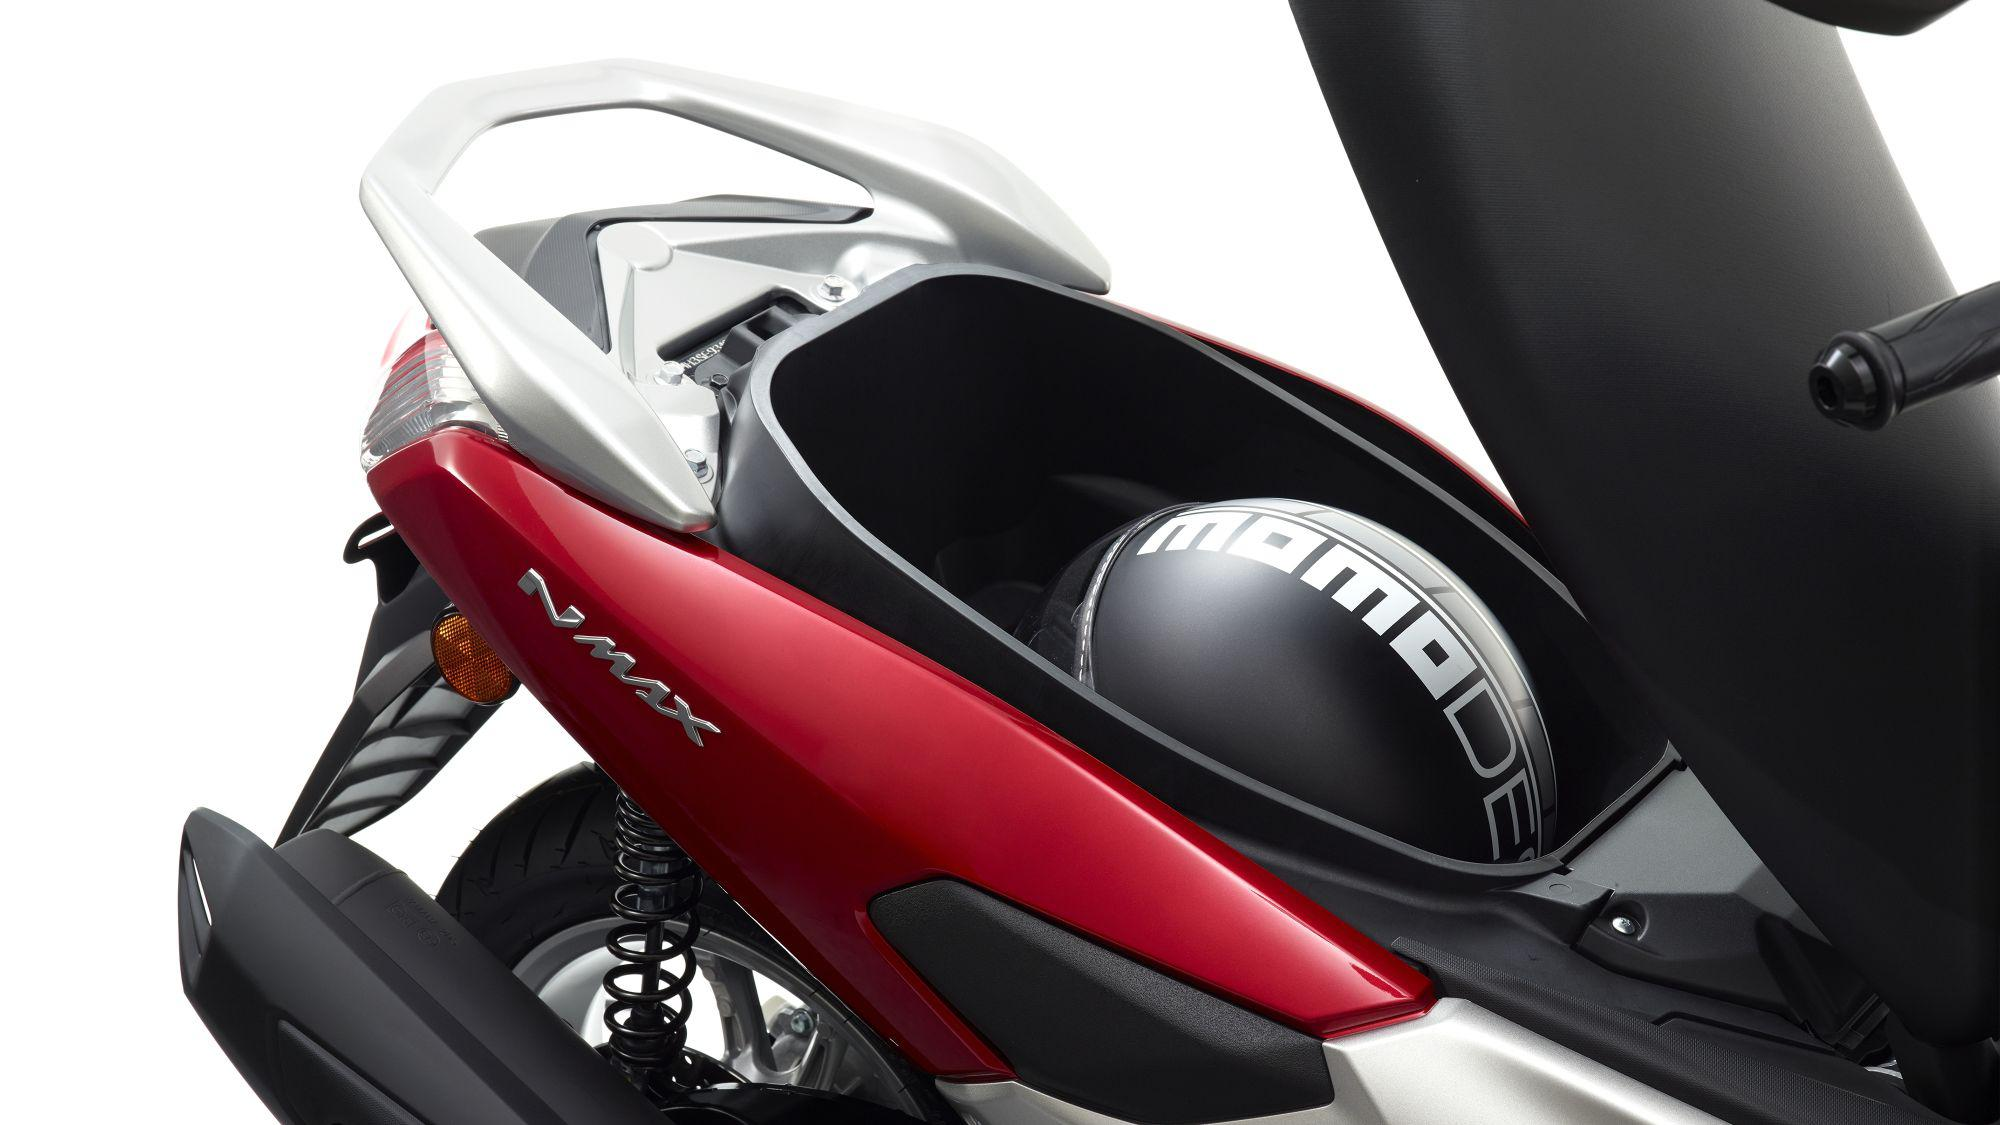 Yamaha Majesty Accessories